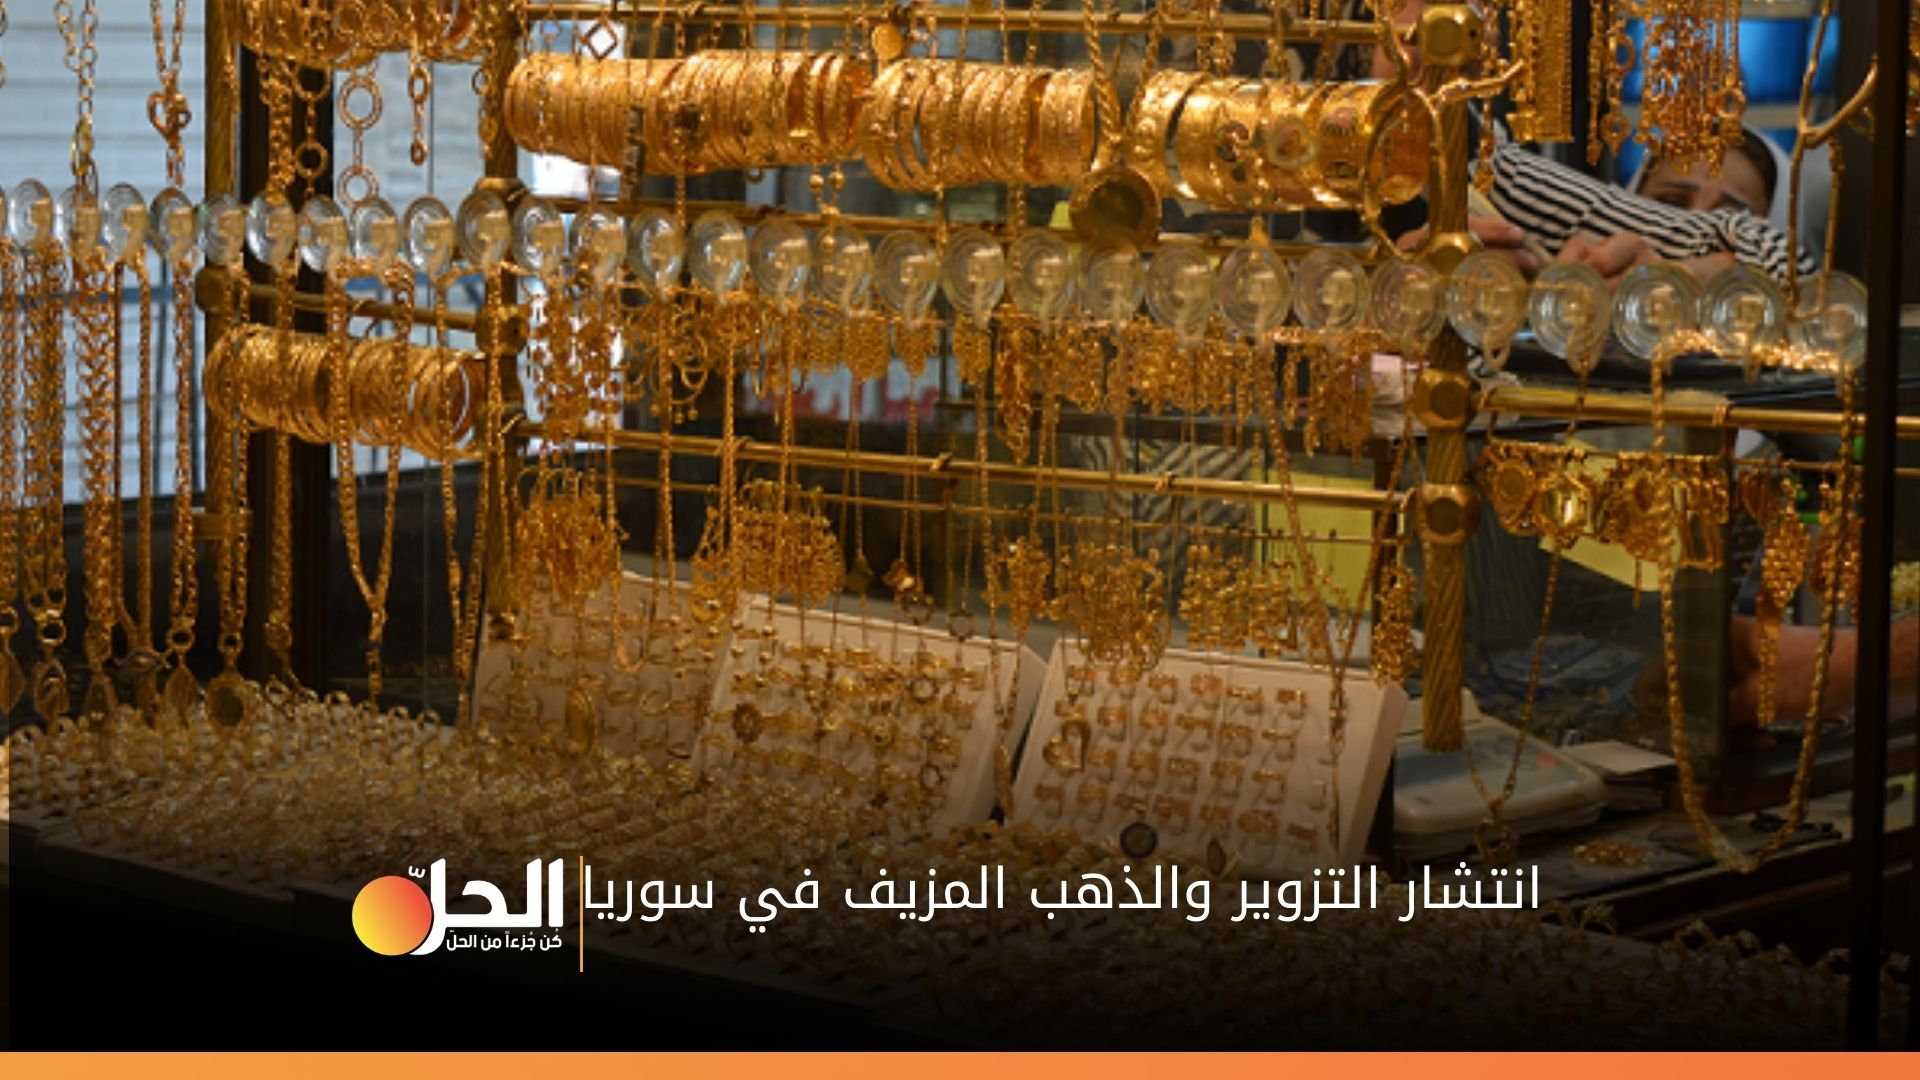 انتشار التزوير والذهب المزيف في سوريا